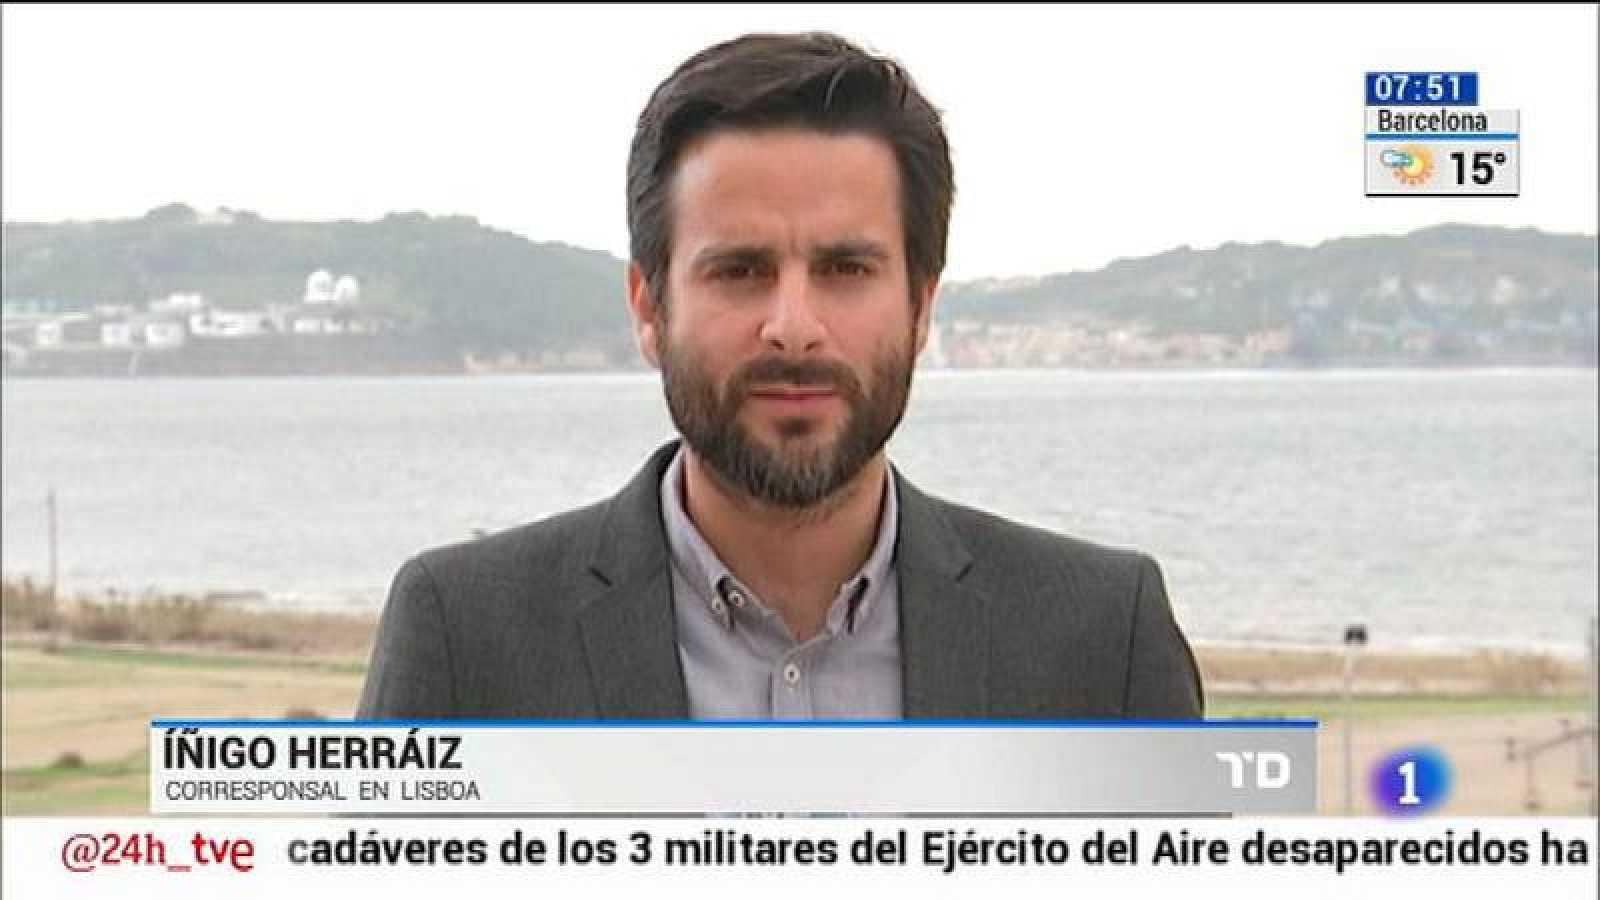 Iñigo Herráiz Gómez, corresponsal de RNE en México